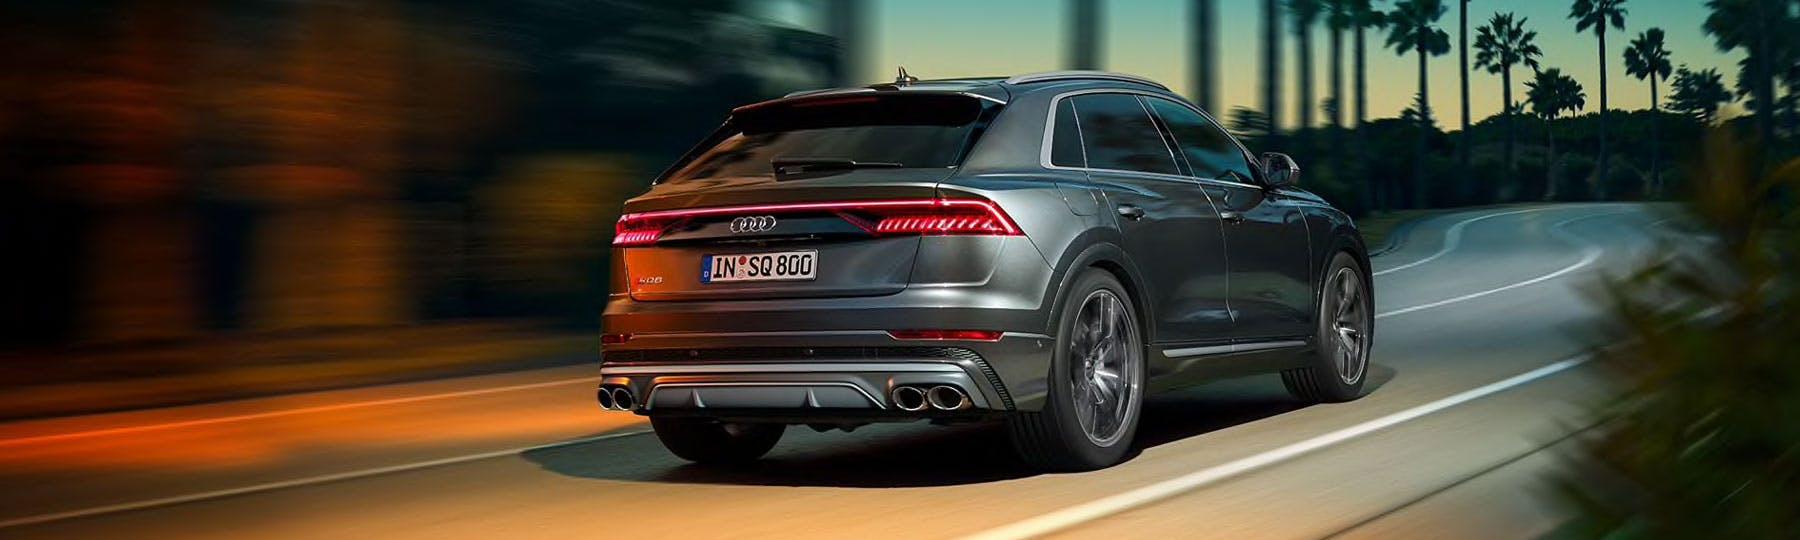 New Audi SQ8